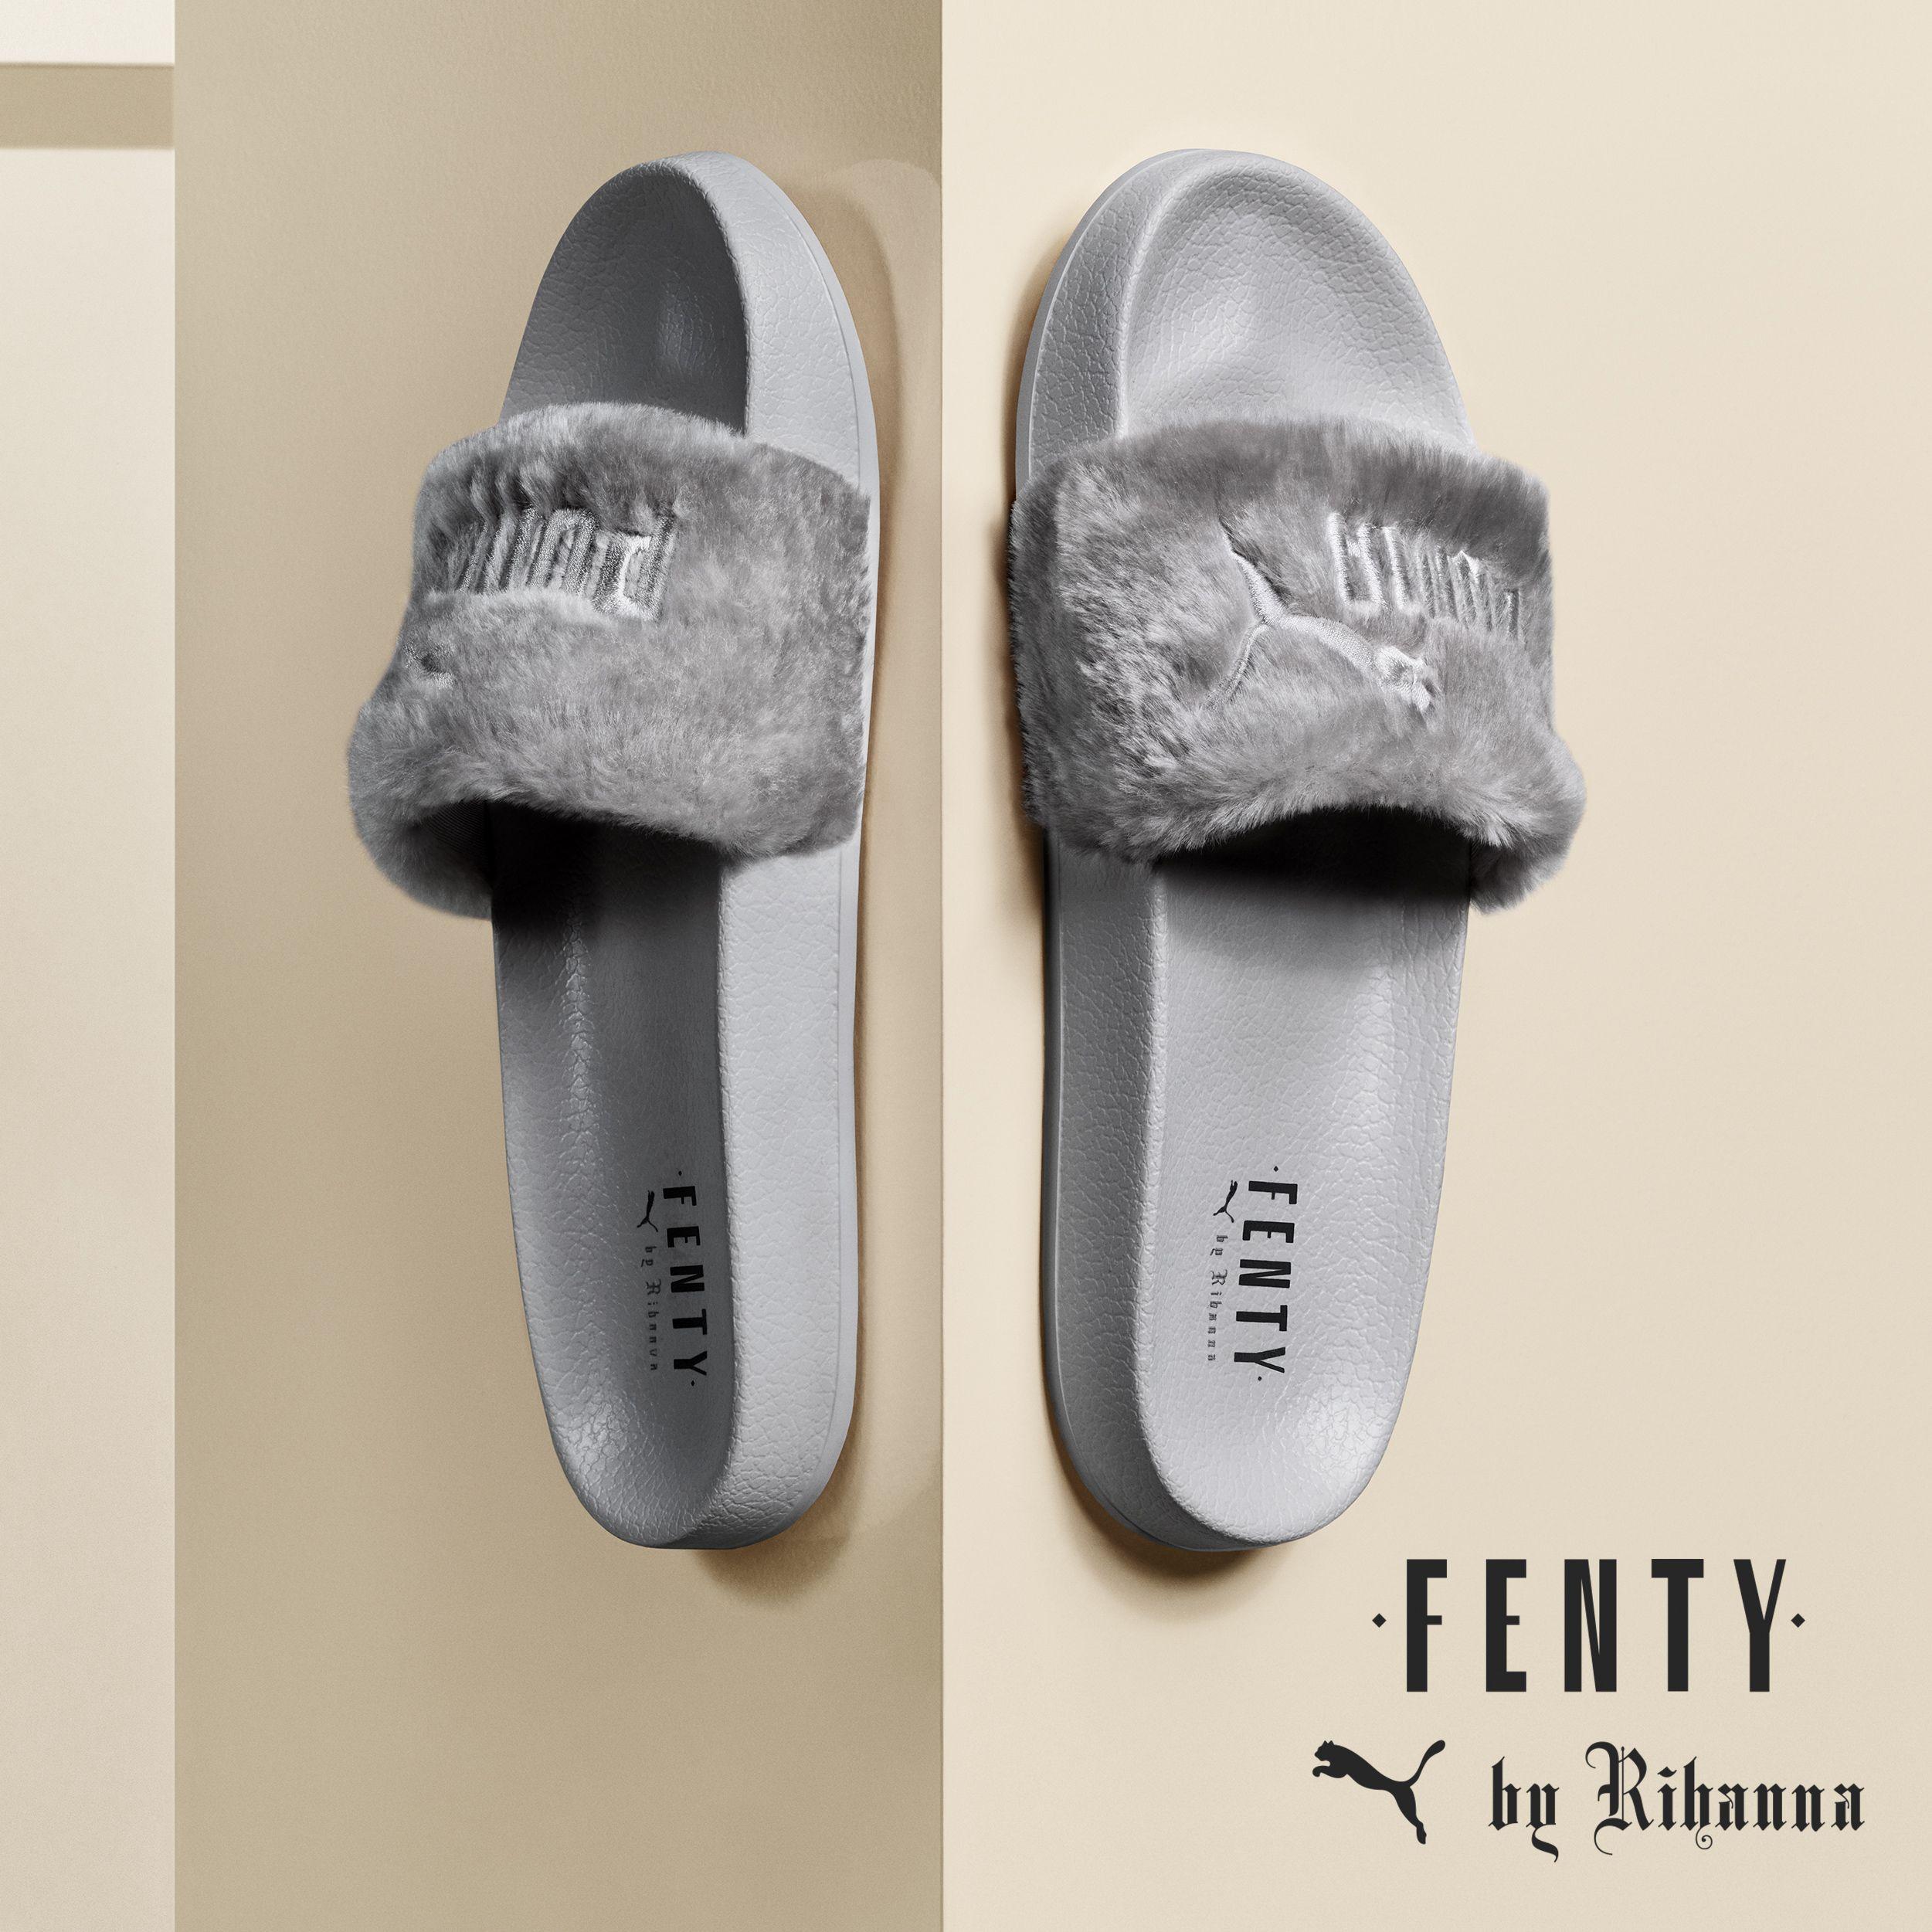 bcd2431994 Uma seleção de slide sandals para você se apaixonar e arrasar nos looks de  verão